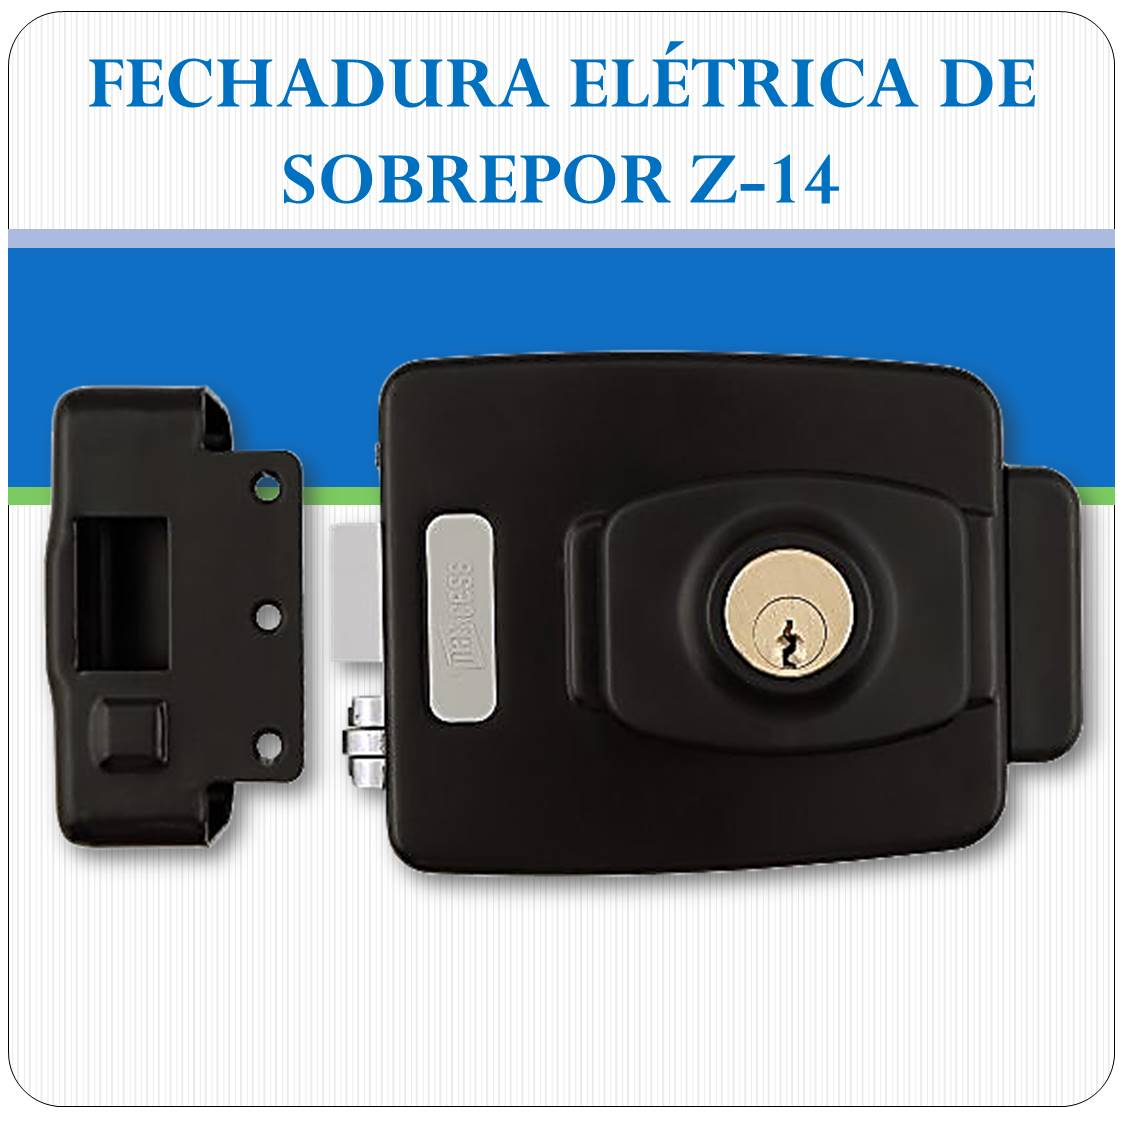 Fechadura Eletrica de Sobrepor Z-14